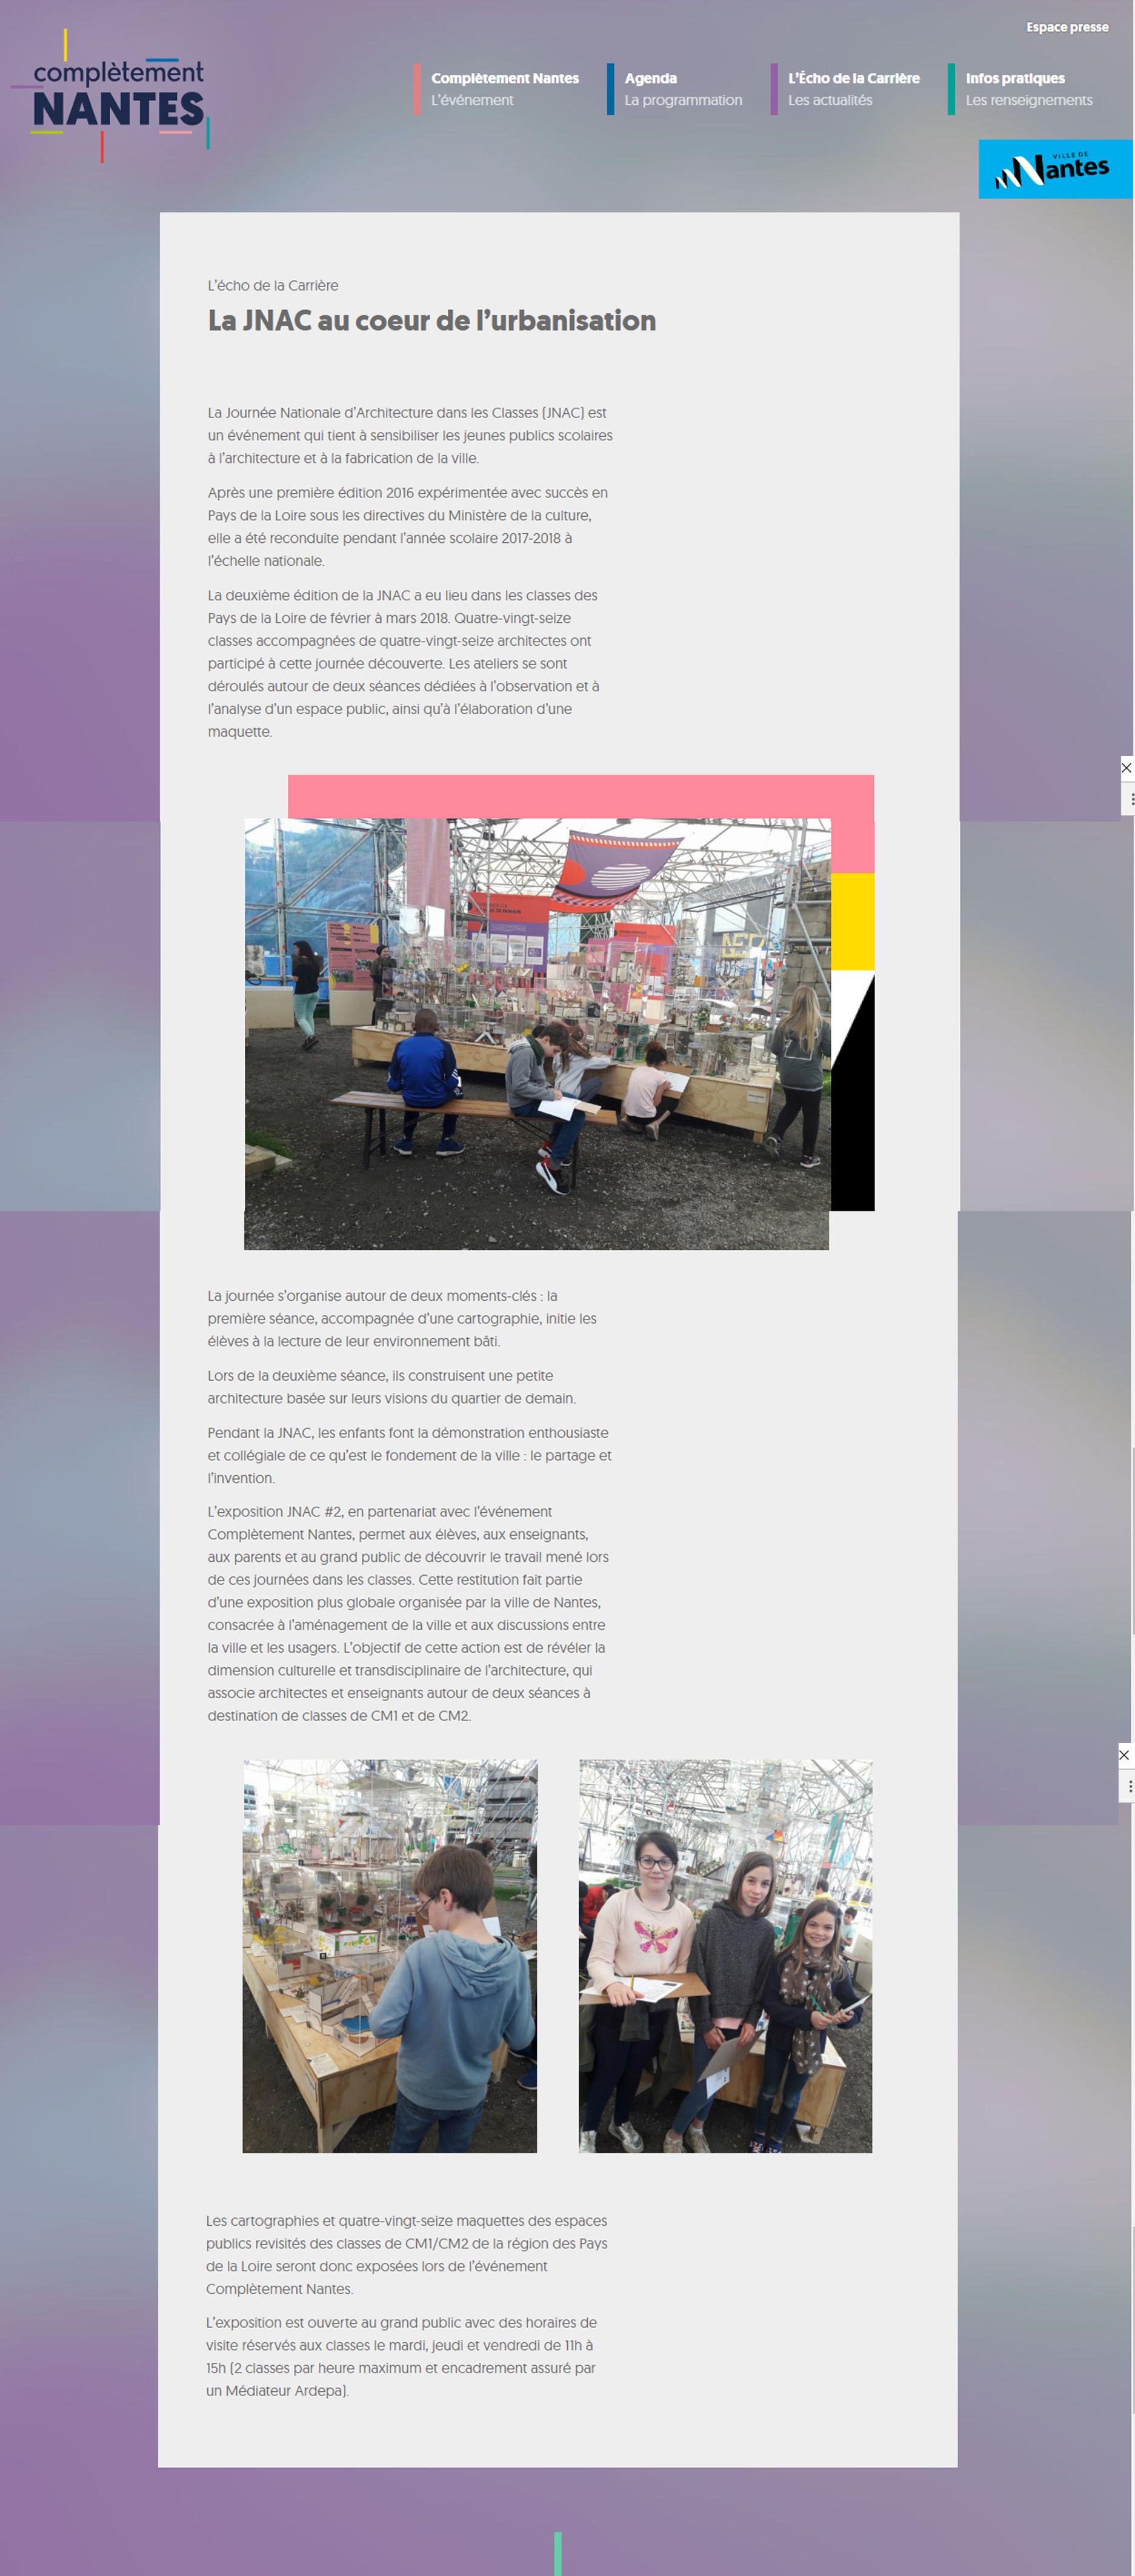 exposition complétement nantes - exposition journée nationale de l'architecture dans les classes carrière misery